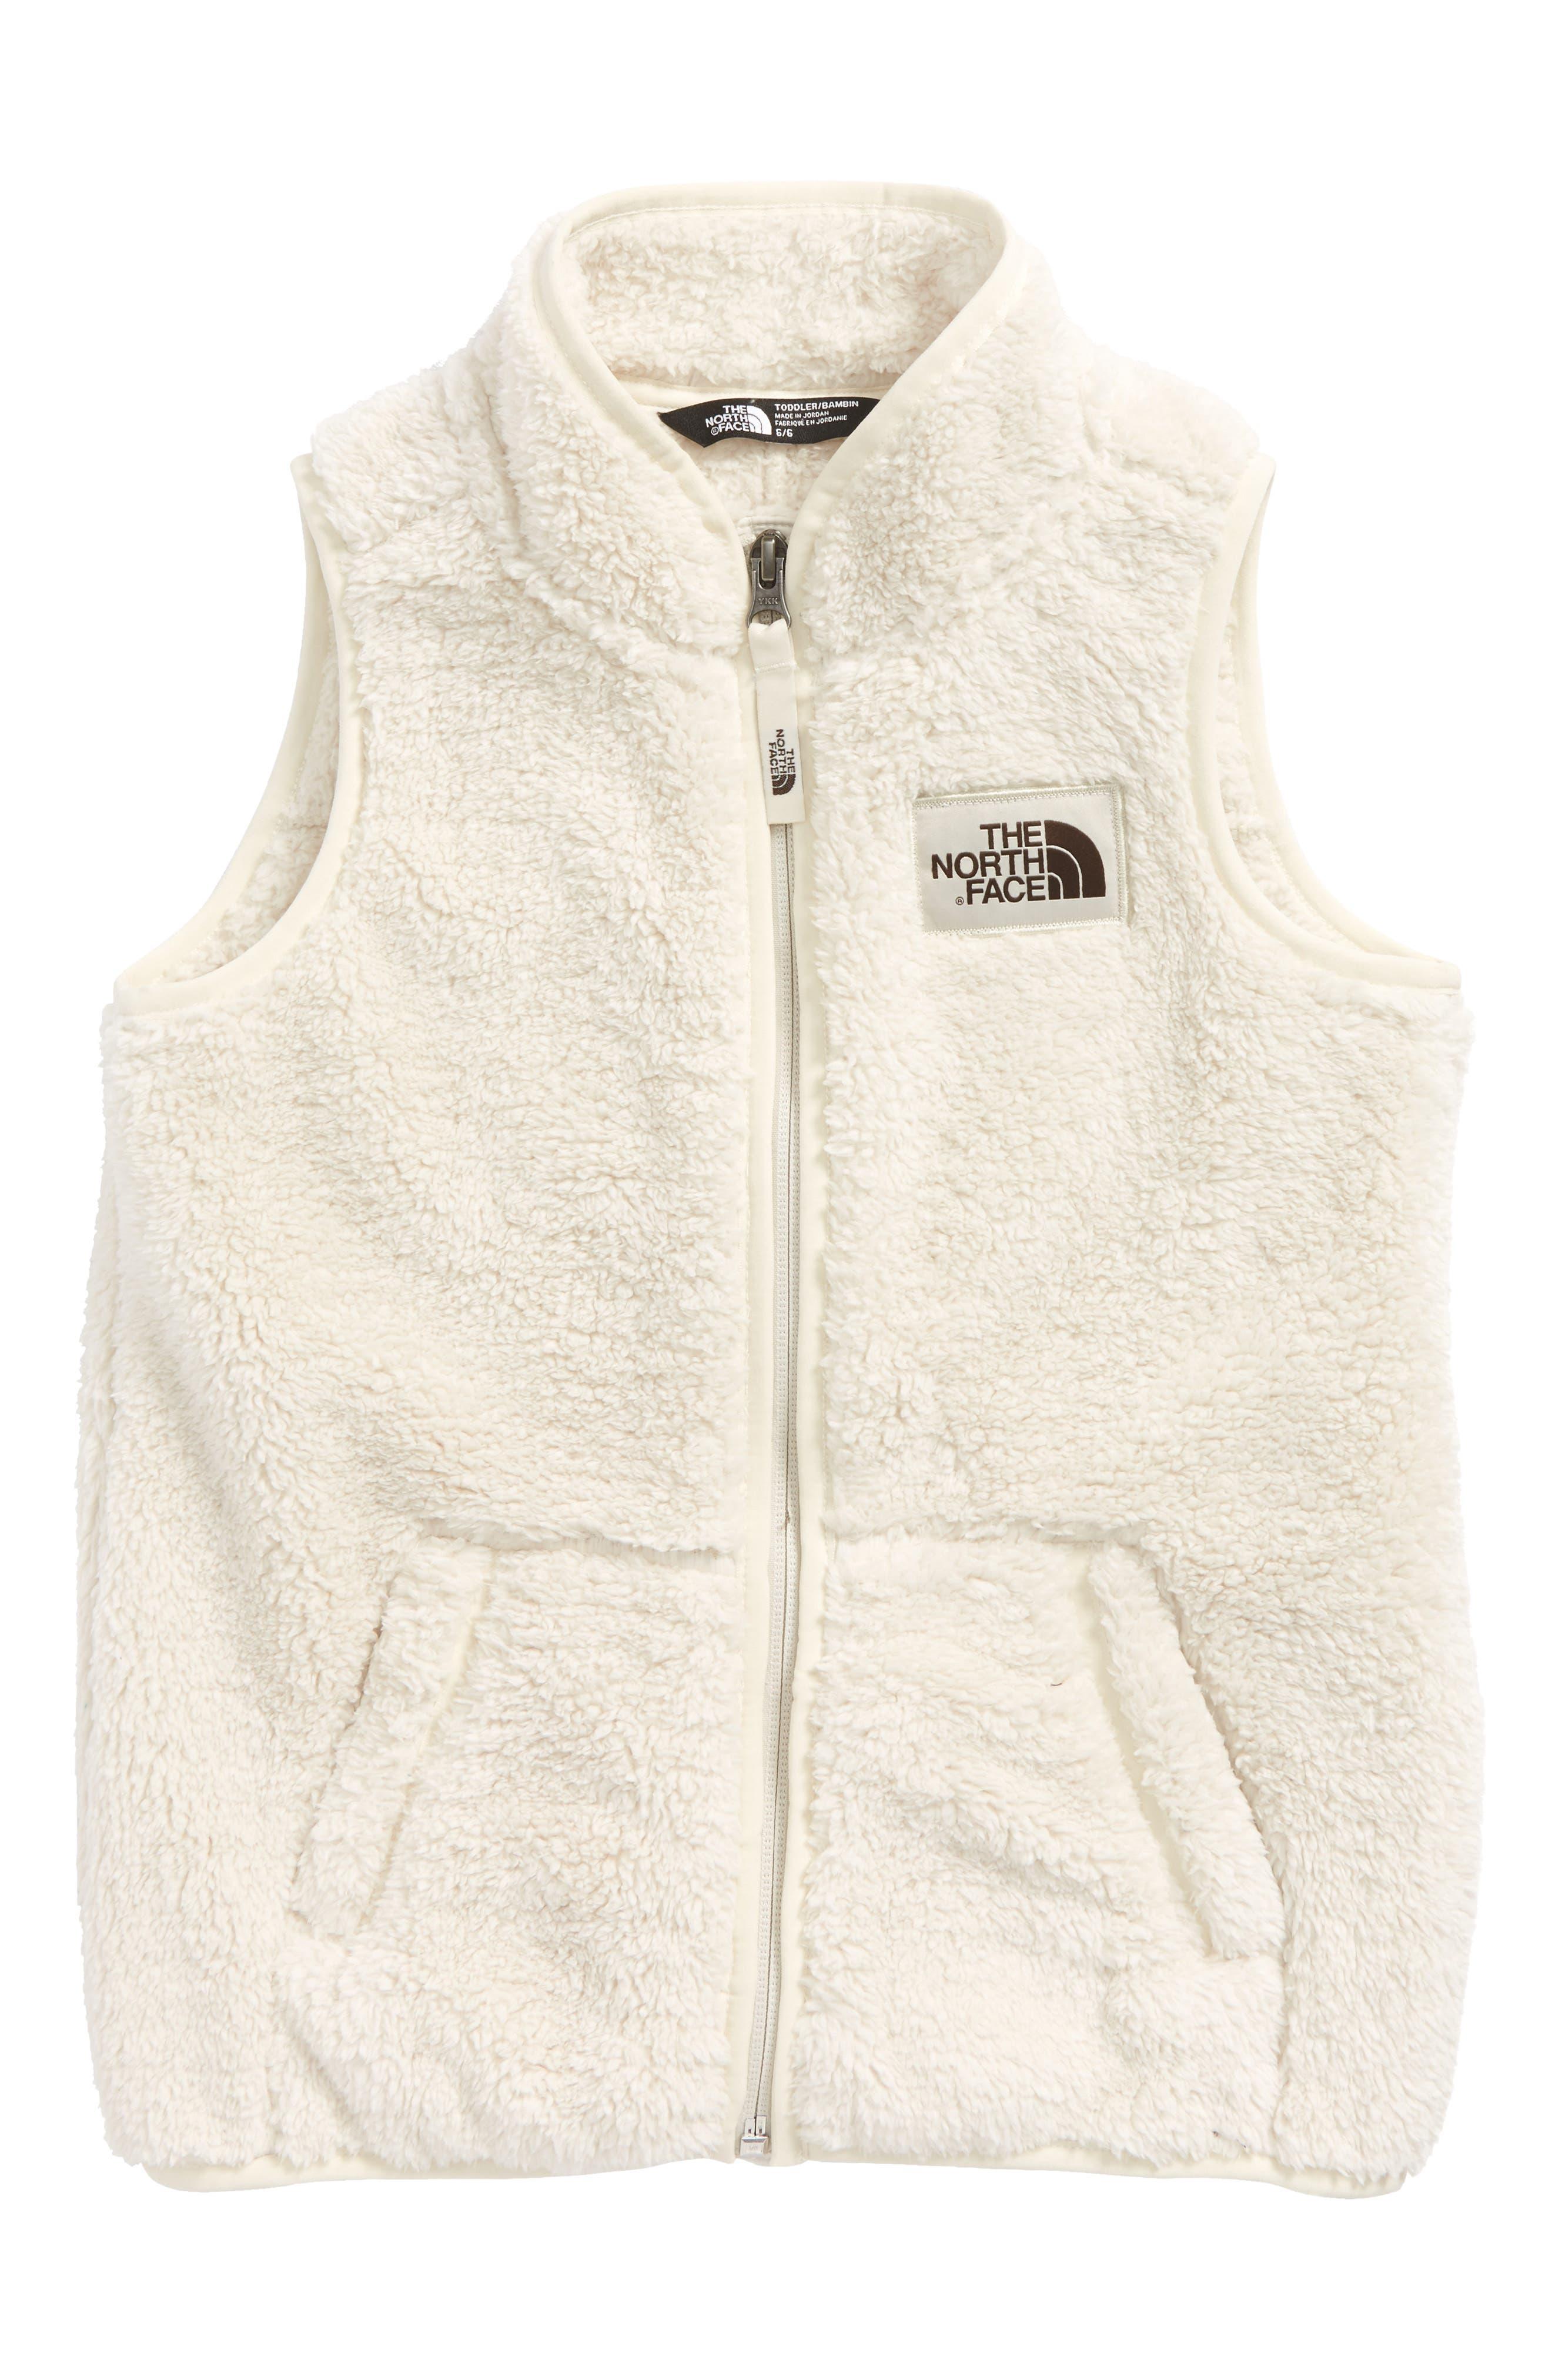 Campshire Vest,                             Main thumbnail 1, color,                             Vintage White